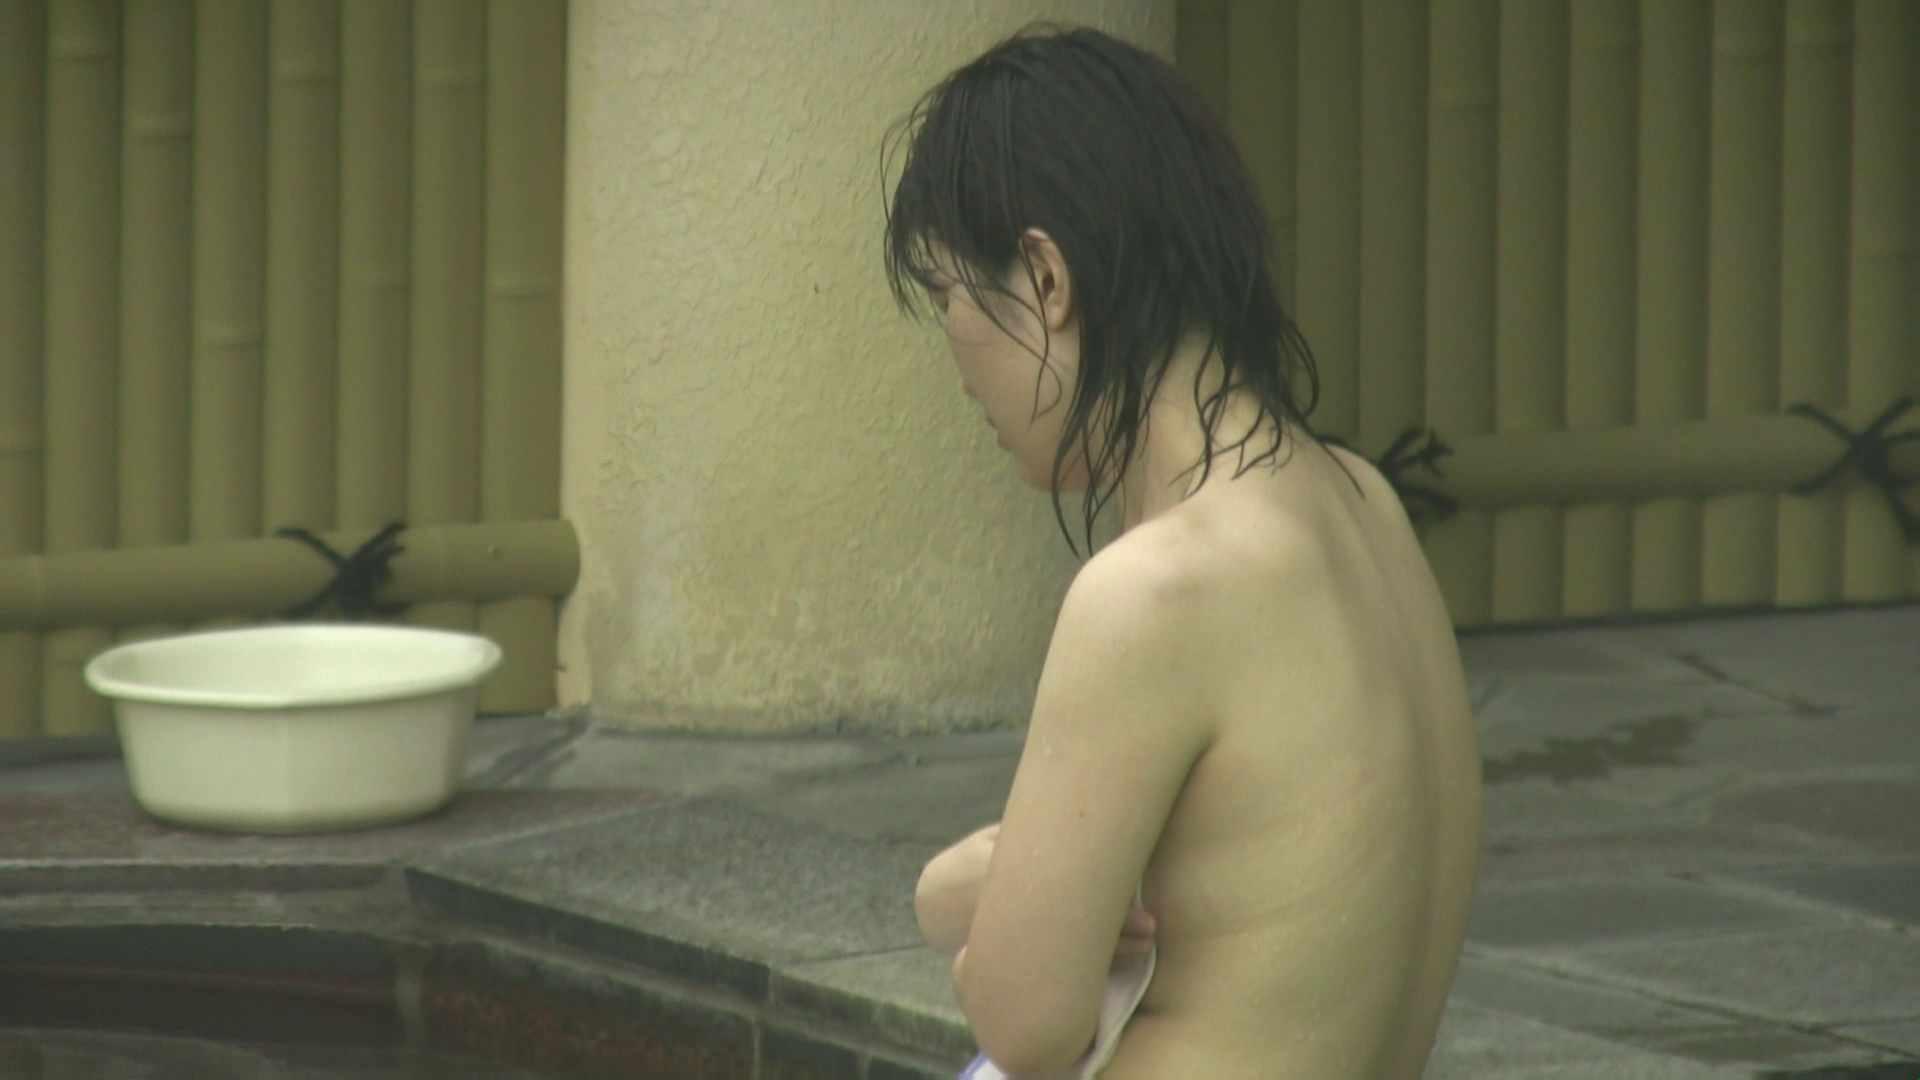 高画質露天女風呂観察 vol.024 望遠 | 乙女  61画像 29